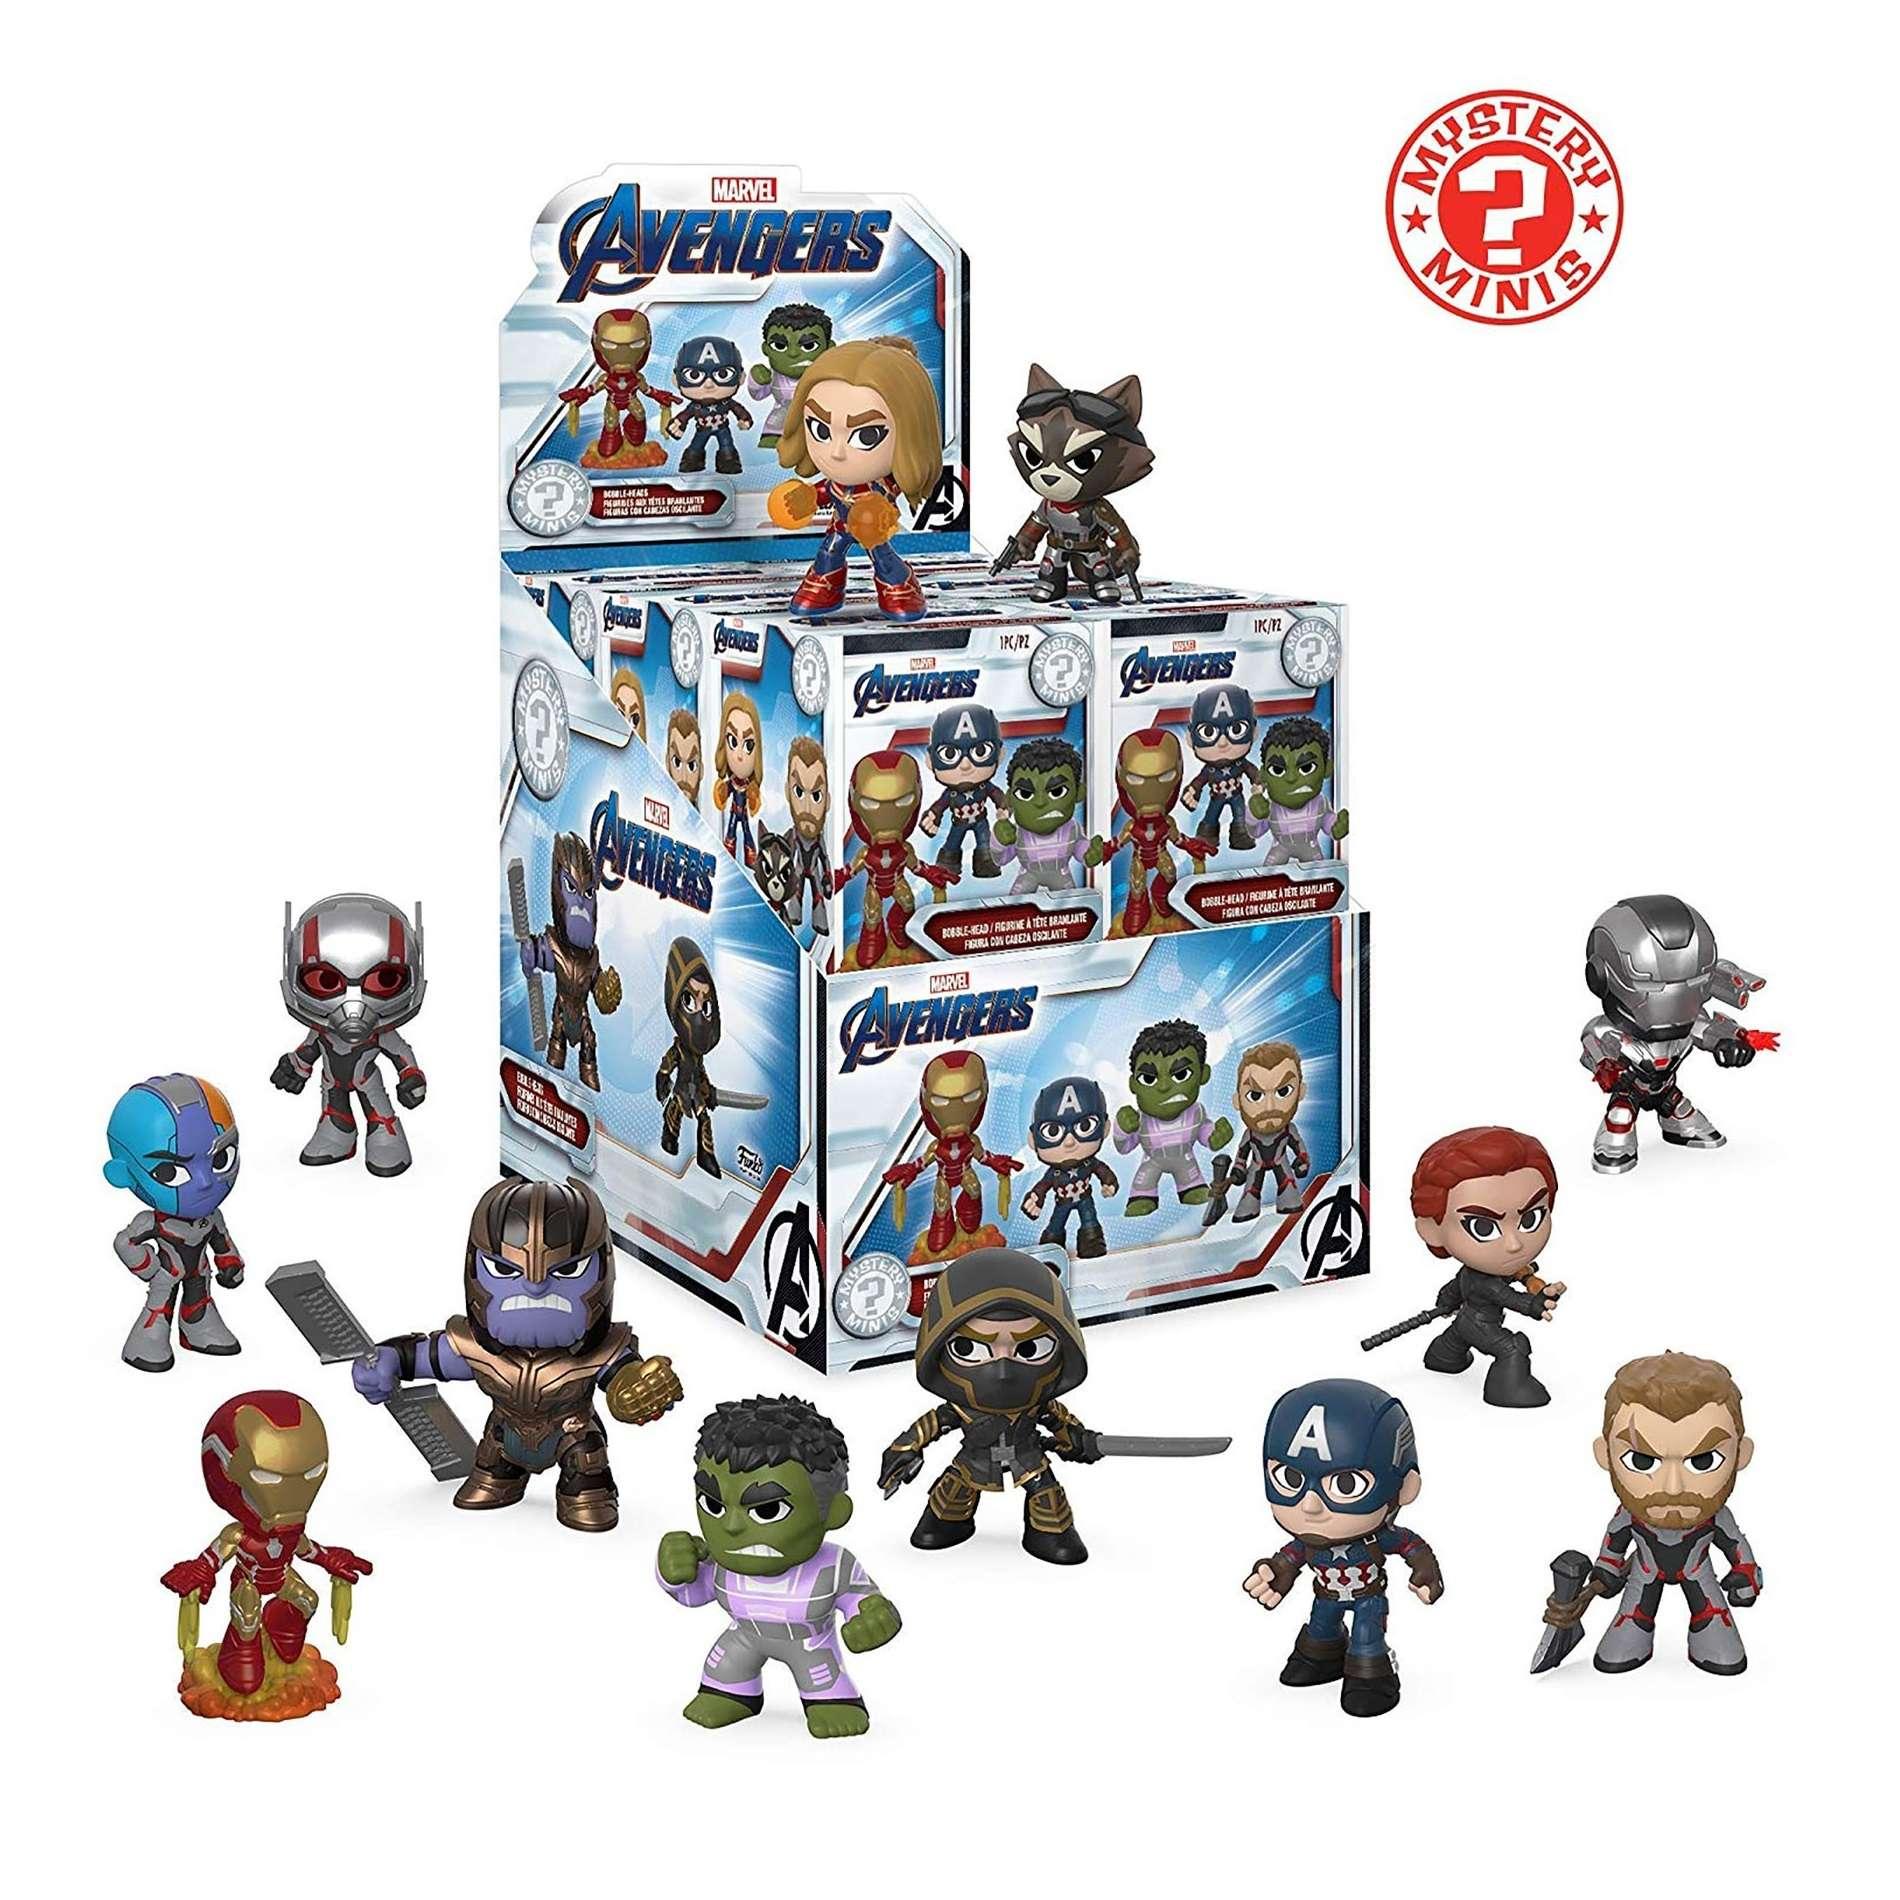 Mystery Mini - Avengers Endgame Blind Box (1 Pcs) Photo